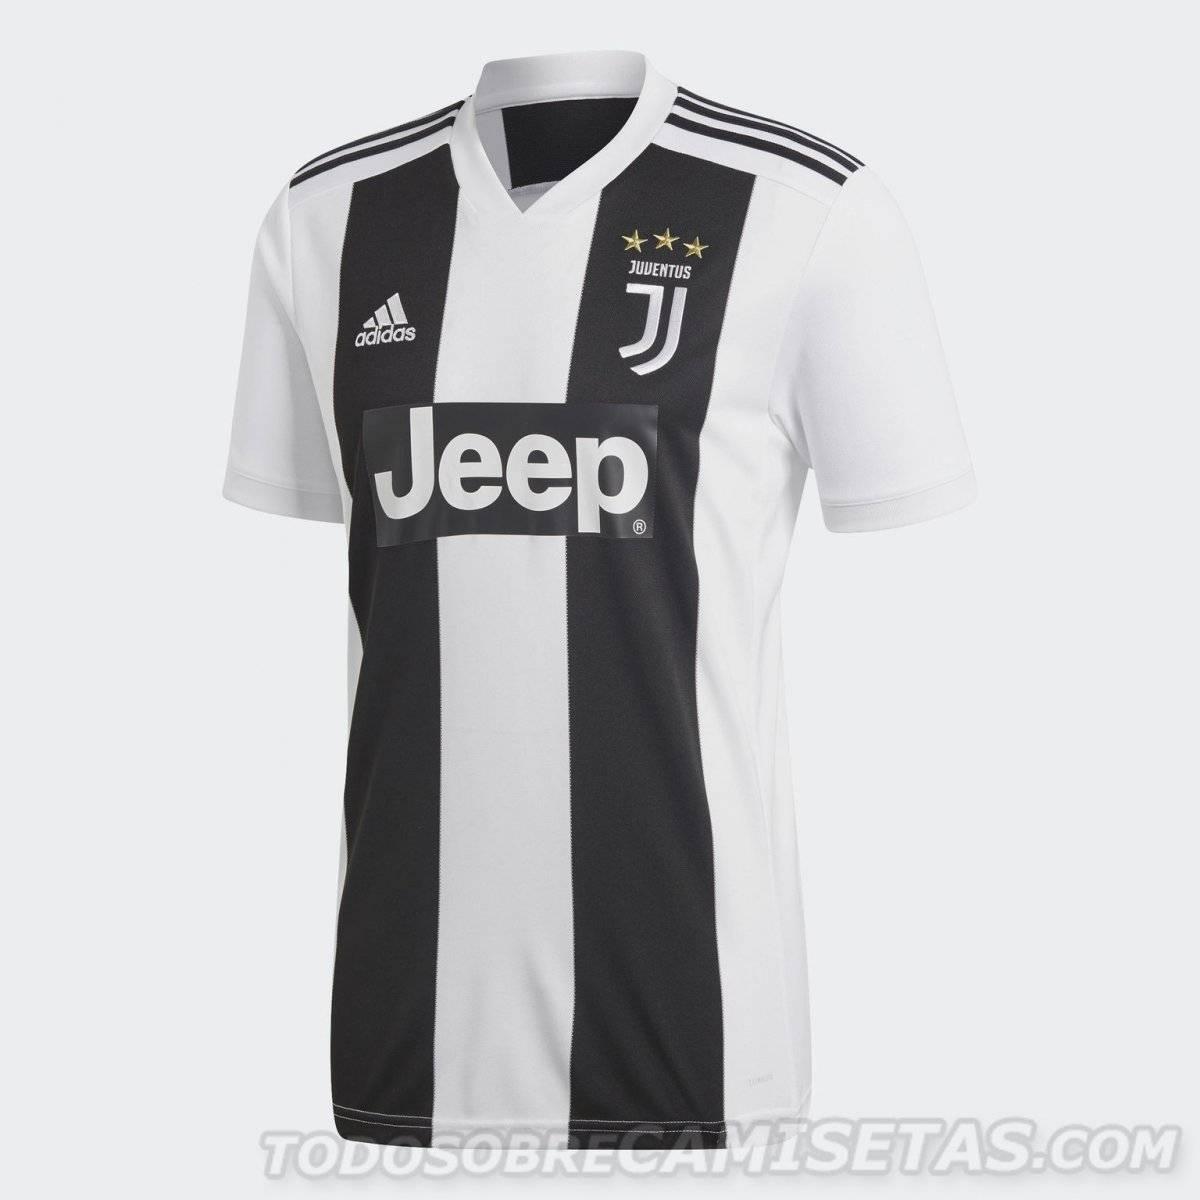 Juventus todosobrecamisetas.com